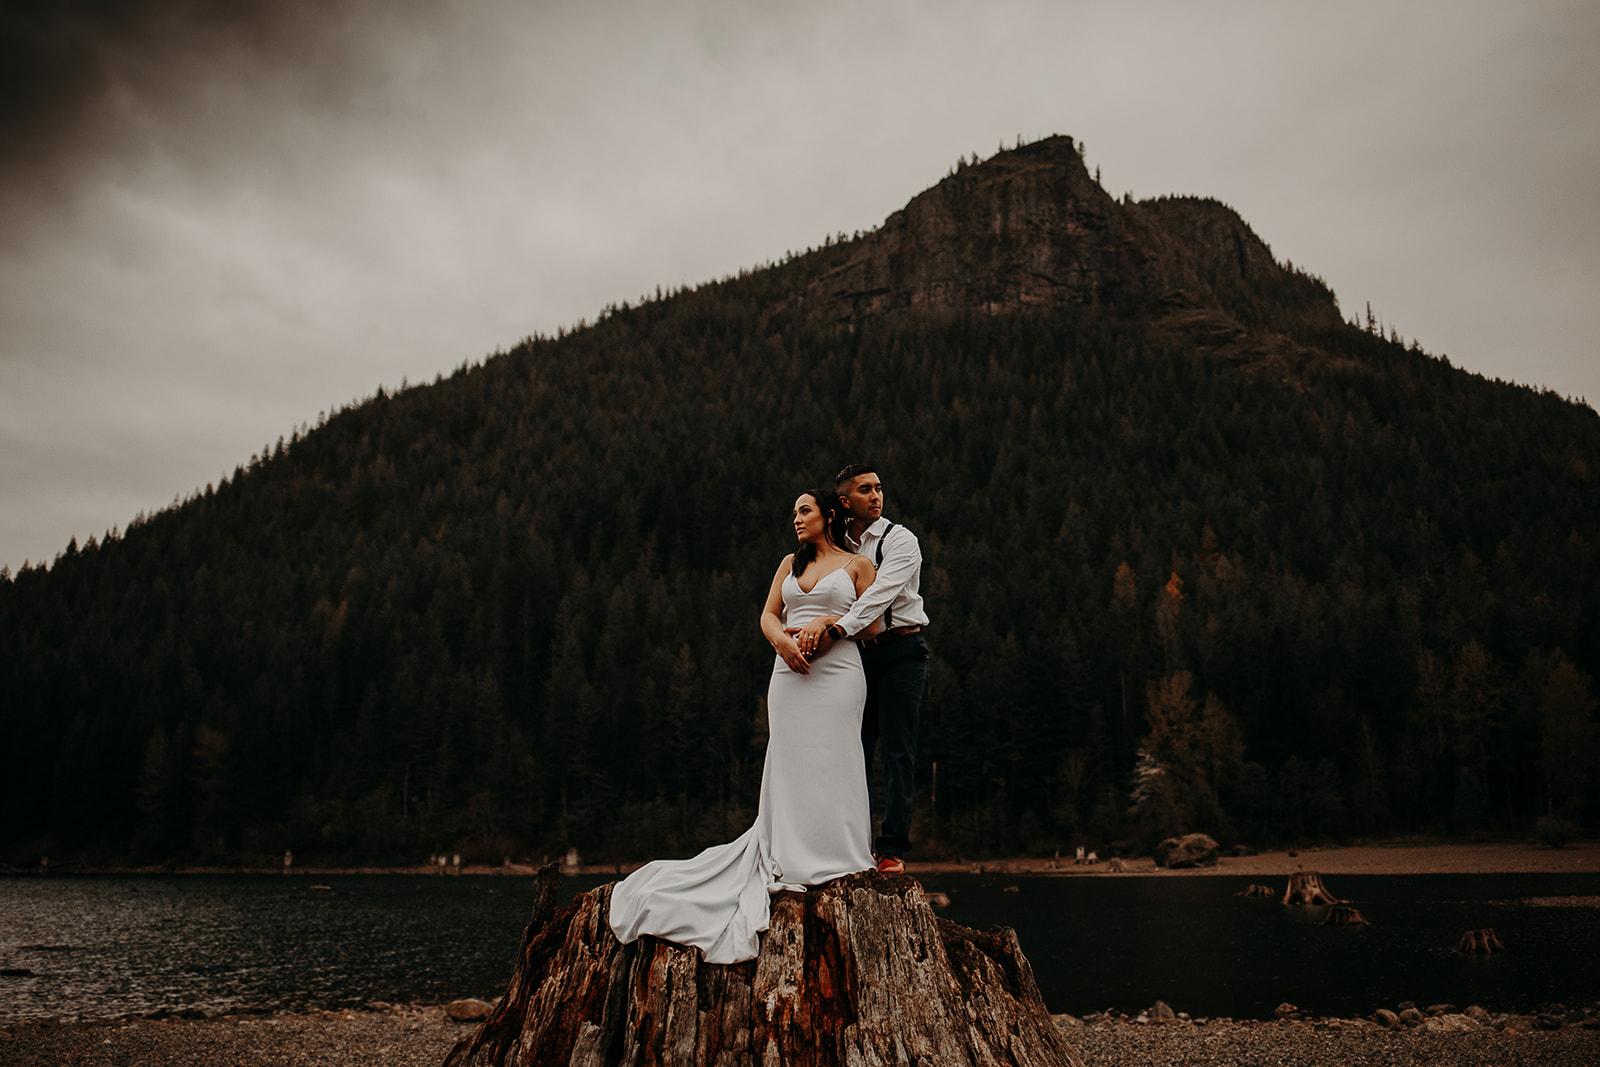 winter-mountain-elopement-asheville-wedding-photographer-megan-gallagher-photographer (80).jpg